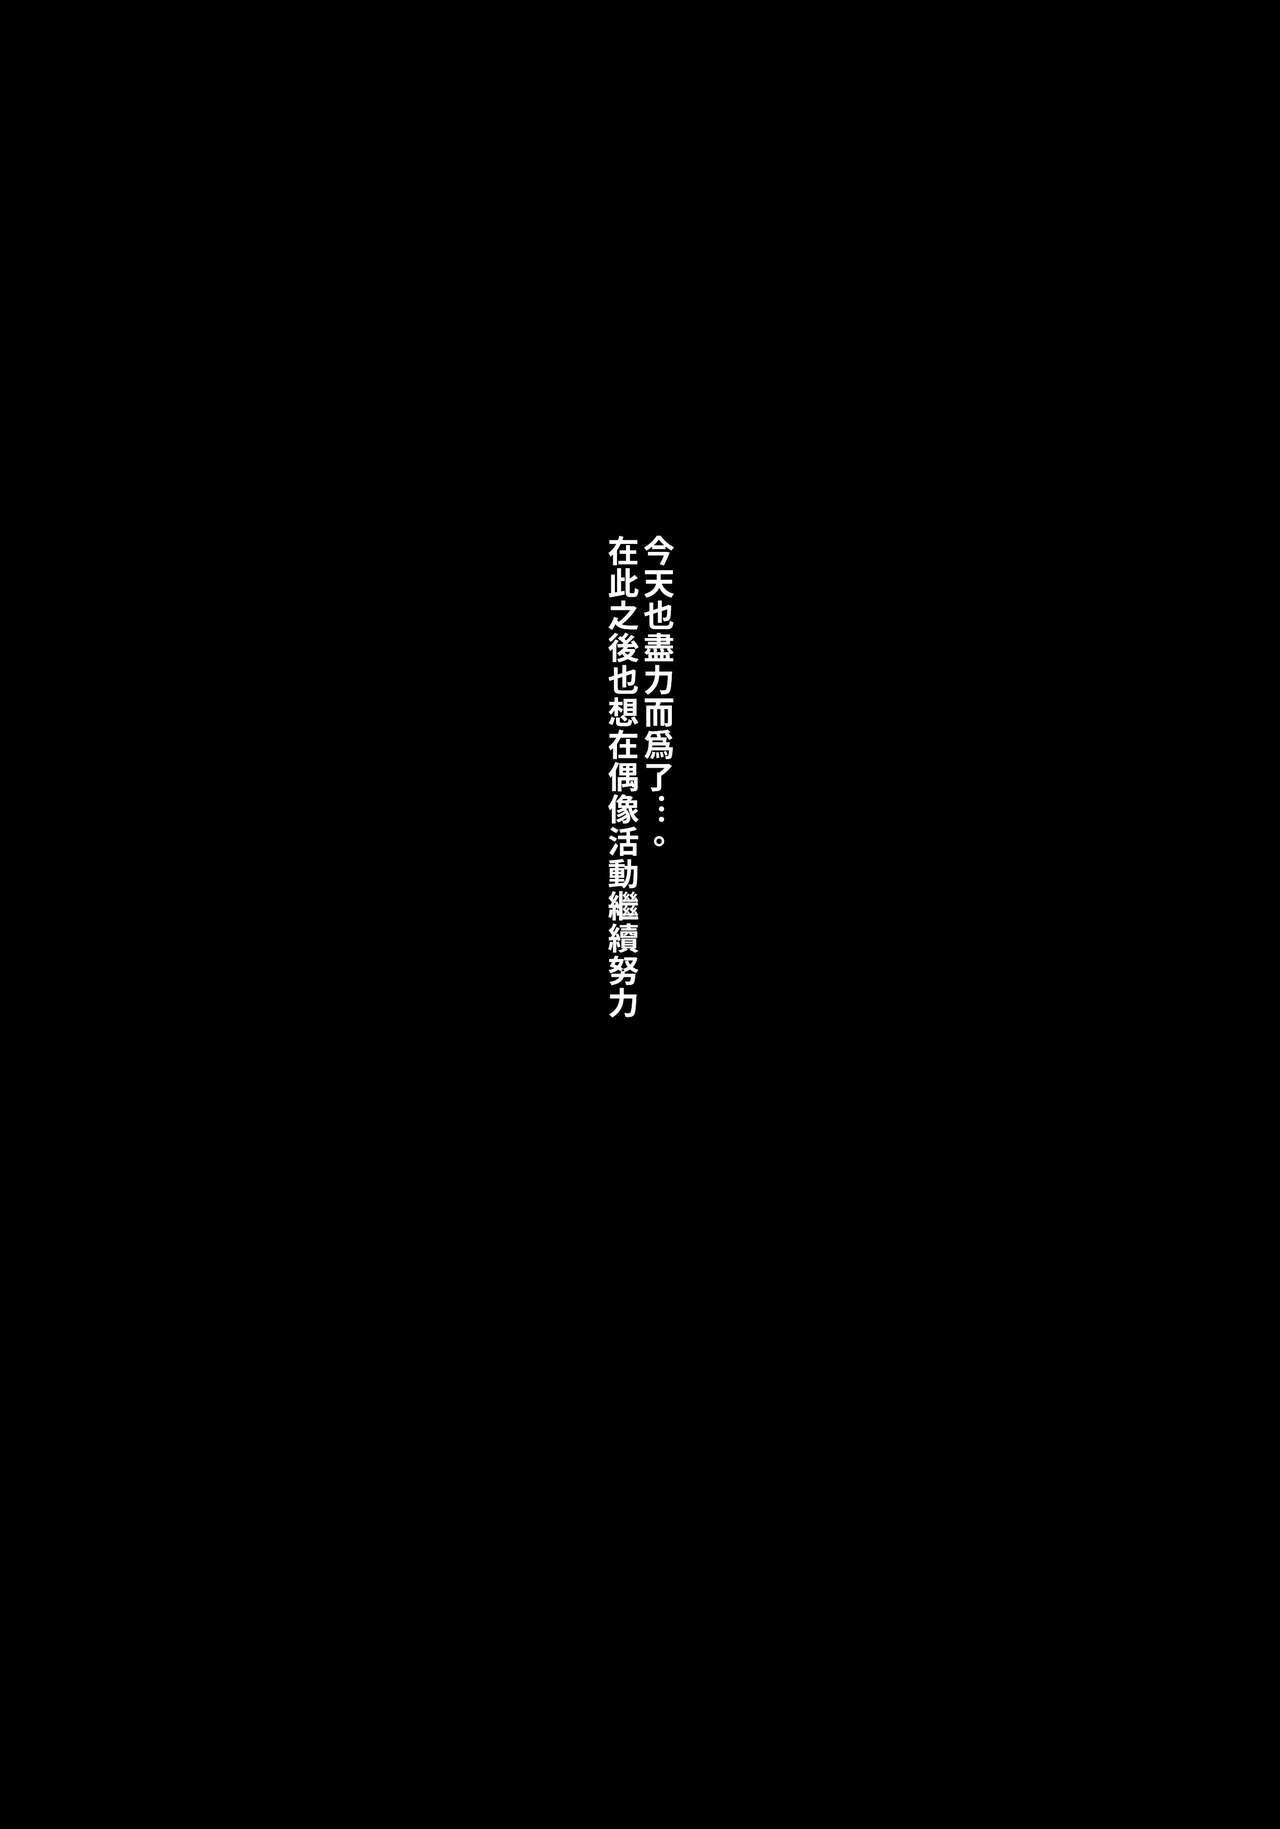 Kyou no Dekigoto Asakura Toru 2